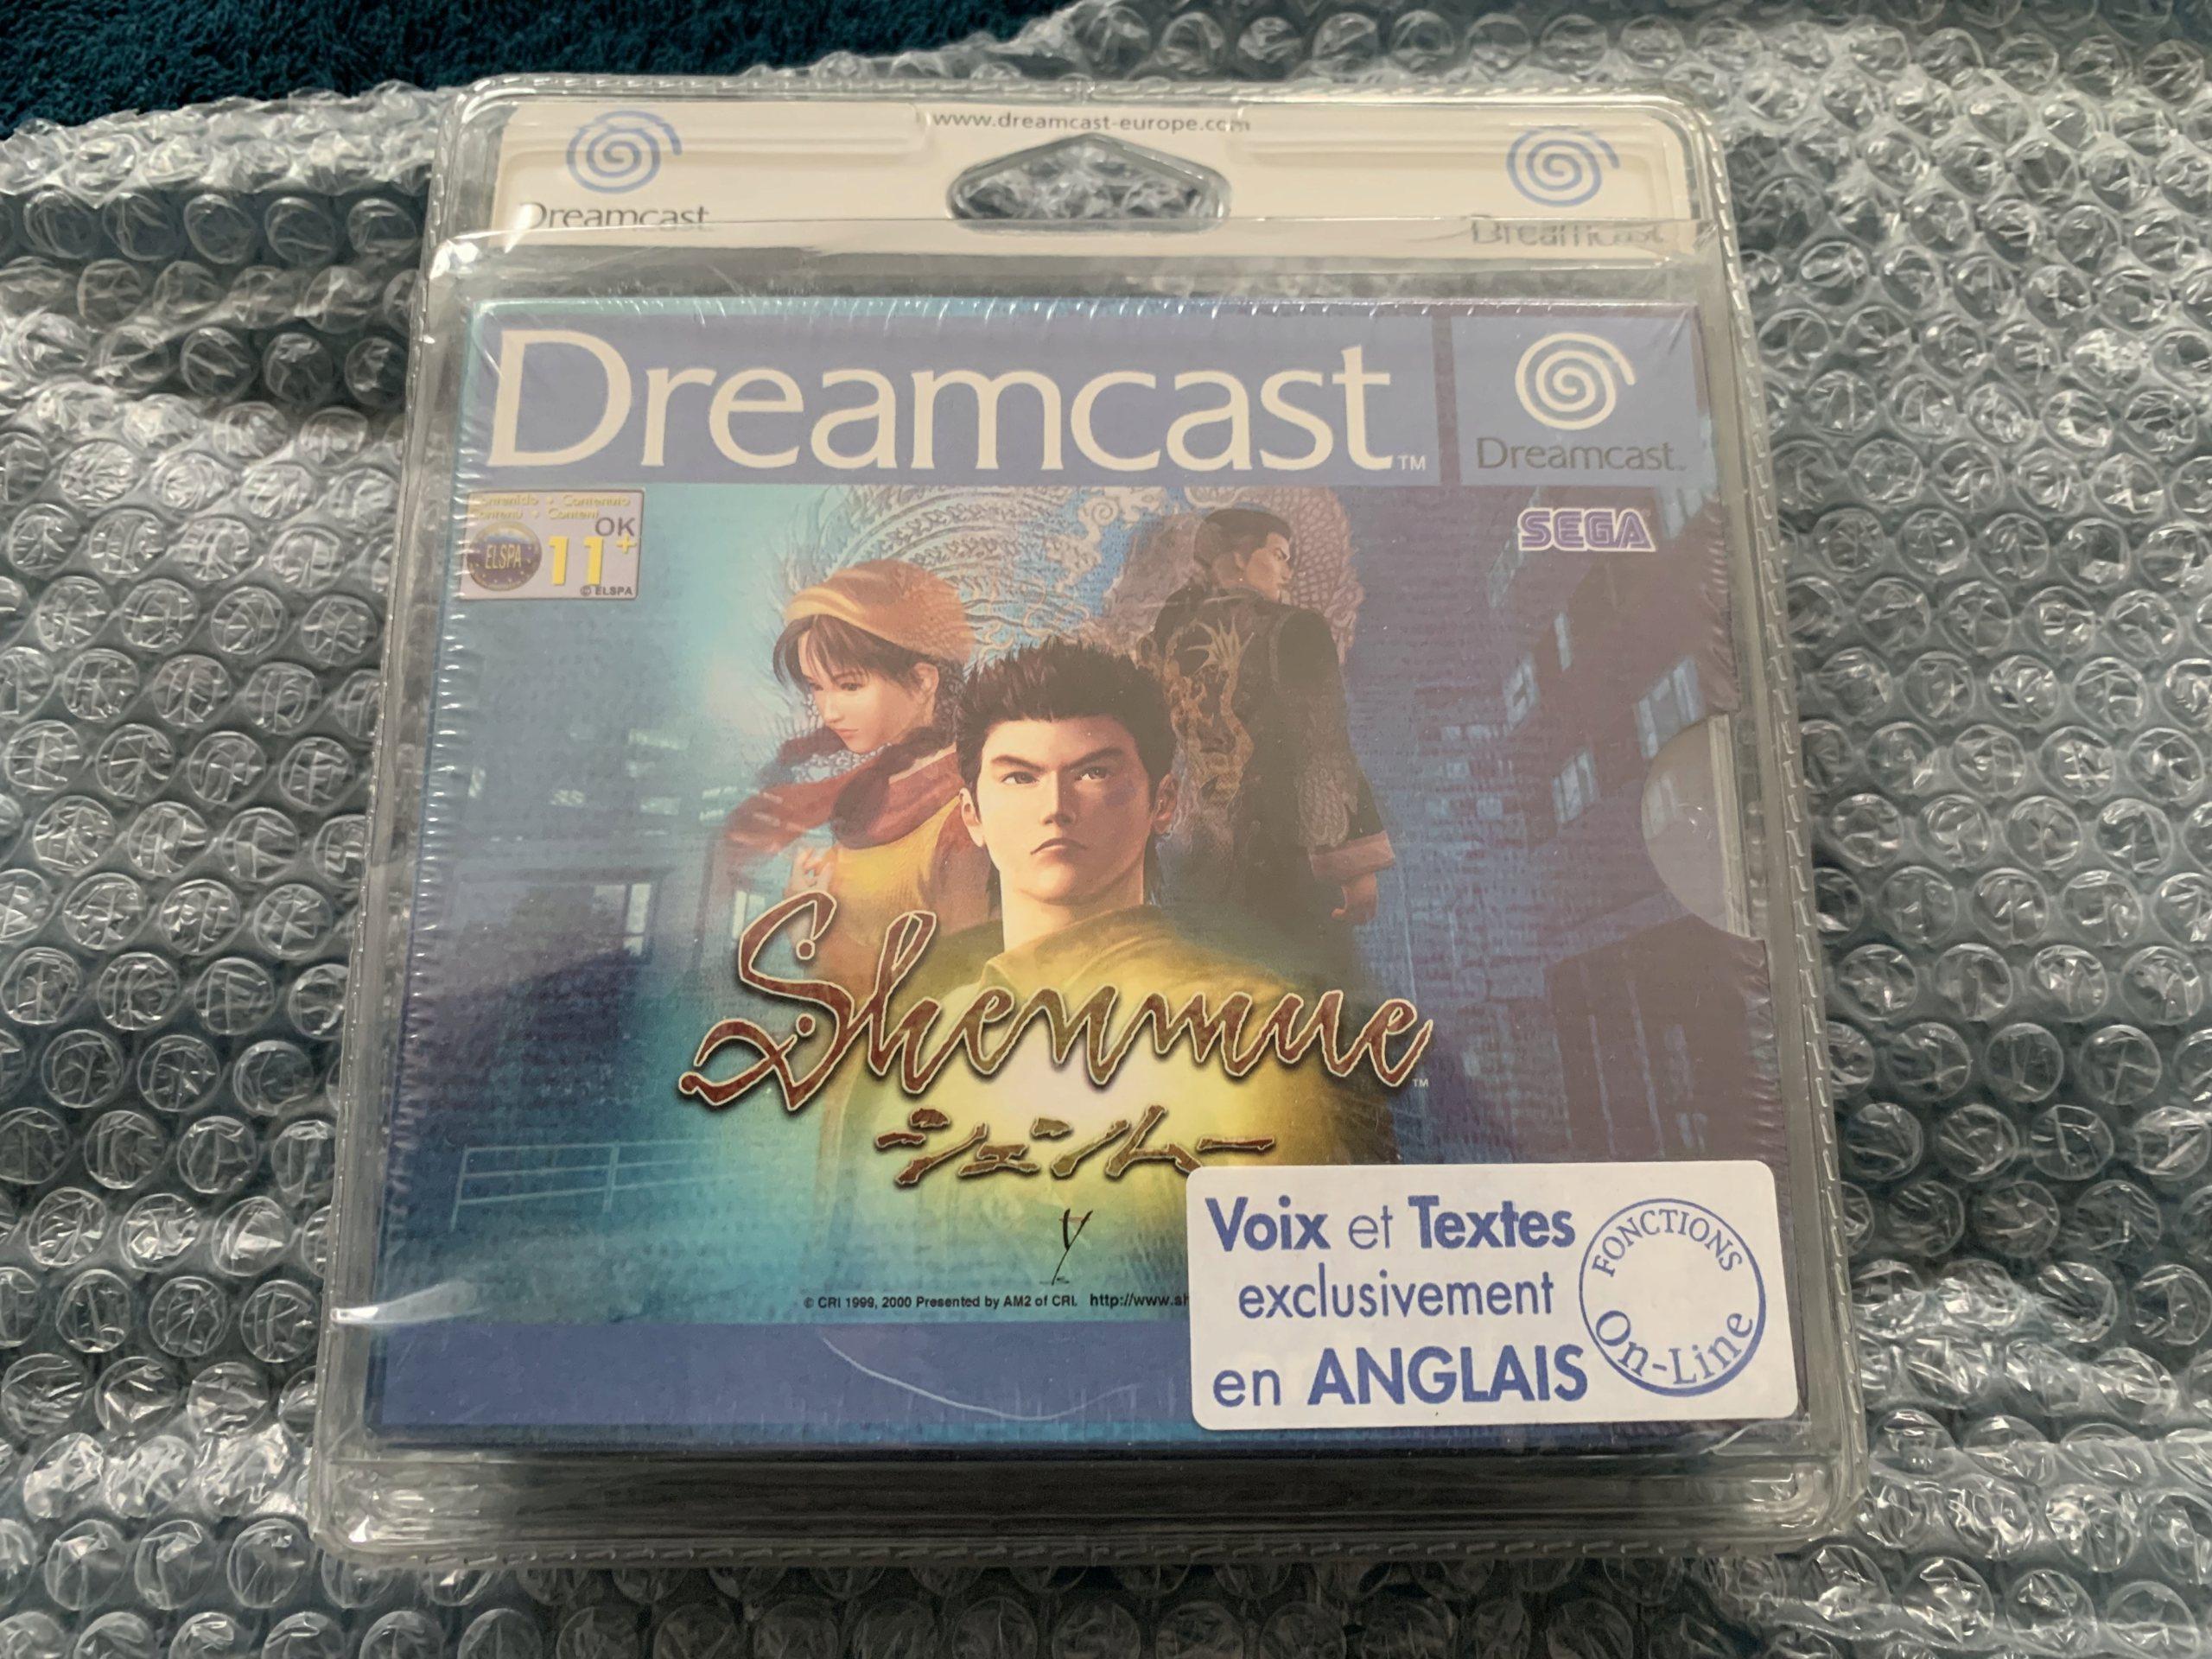 [VENDU] Fullset Jeux Dreamcast, Accessoires, Promo, Rigides... - 350 pièces - NEUF SOUS BLISTER 027_bl10